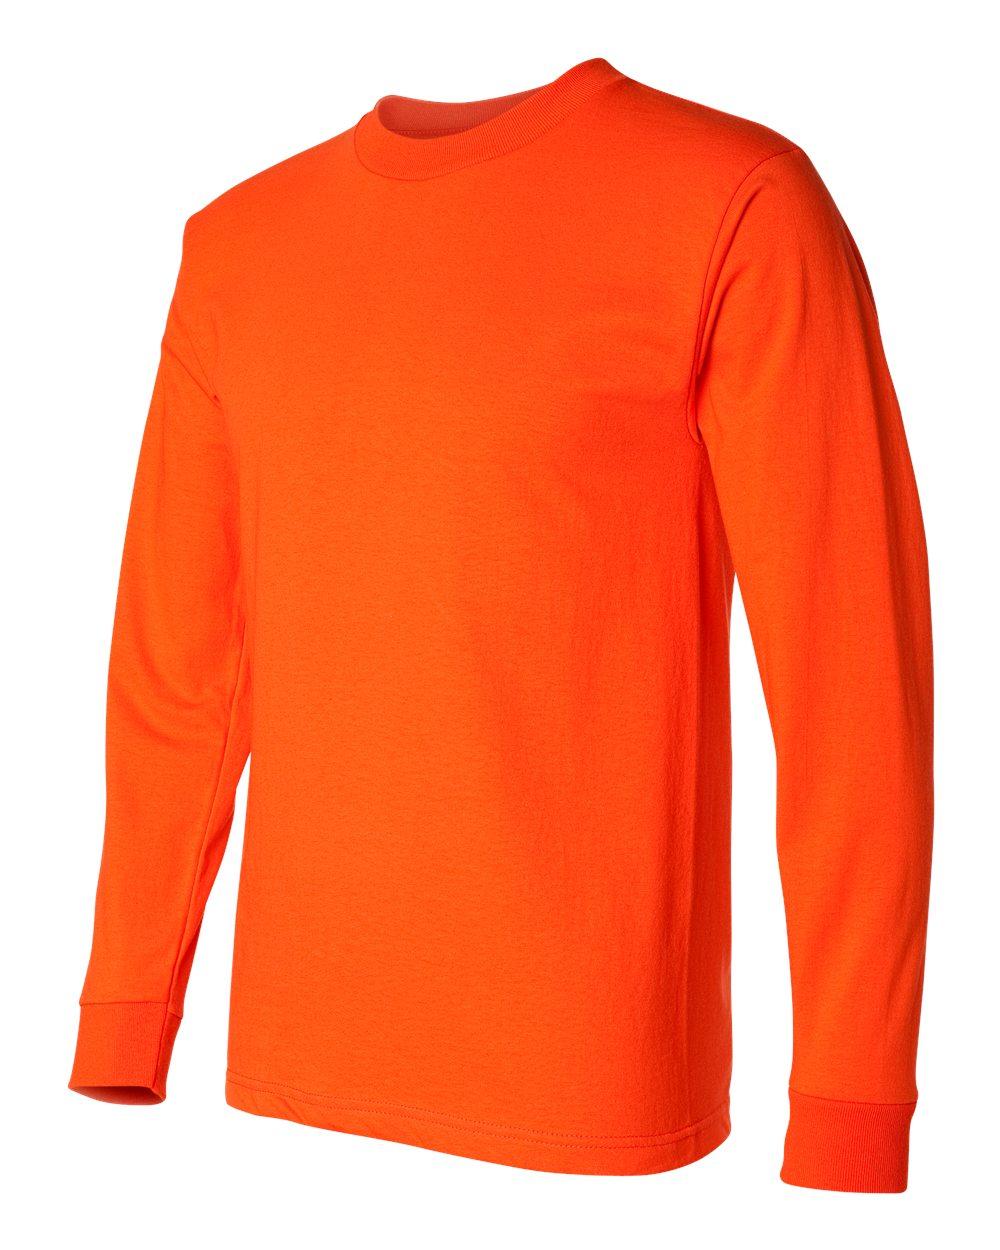 click to view Bright Orange